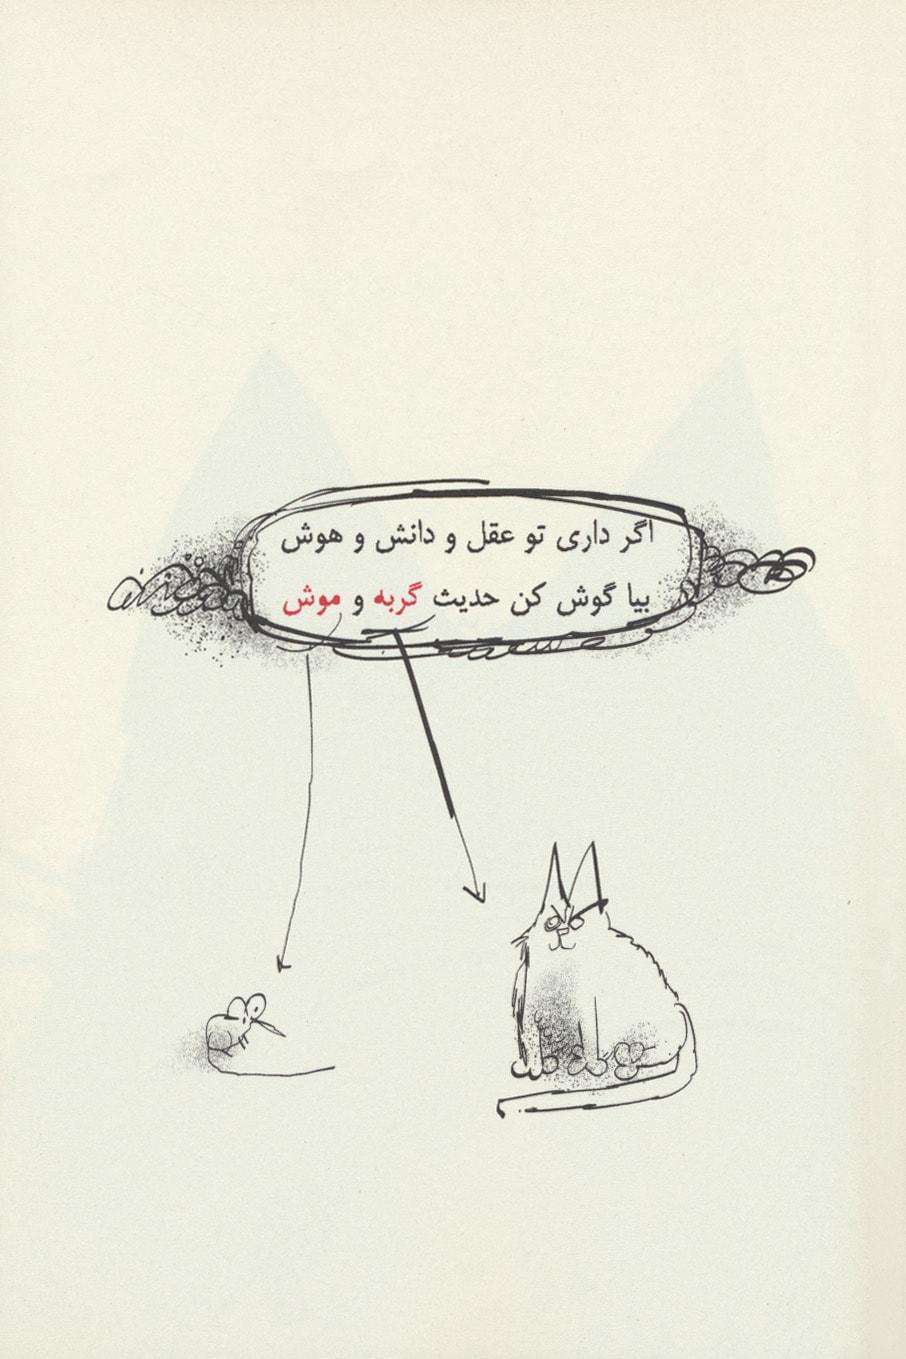 موش و گربه (جهان تازه دم17)